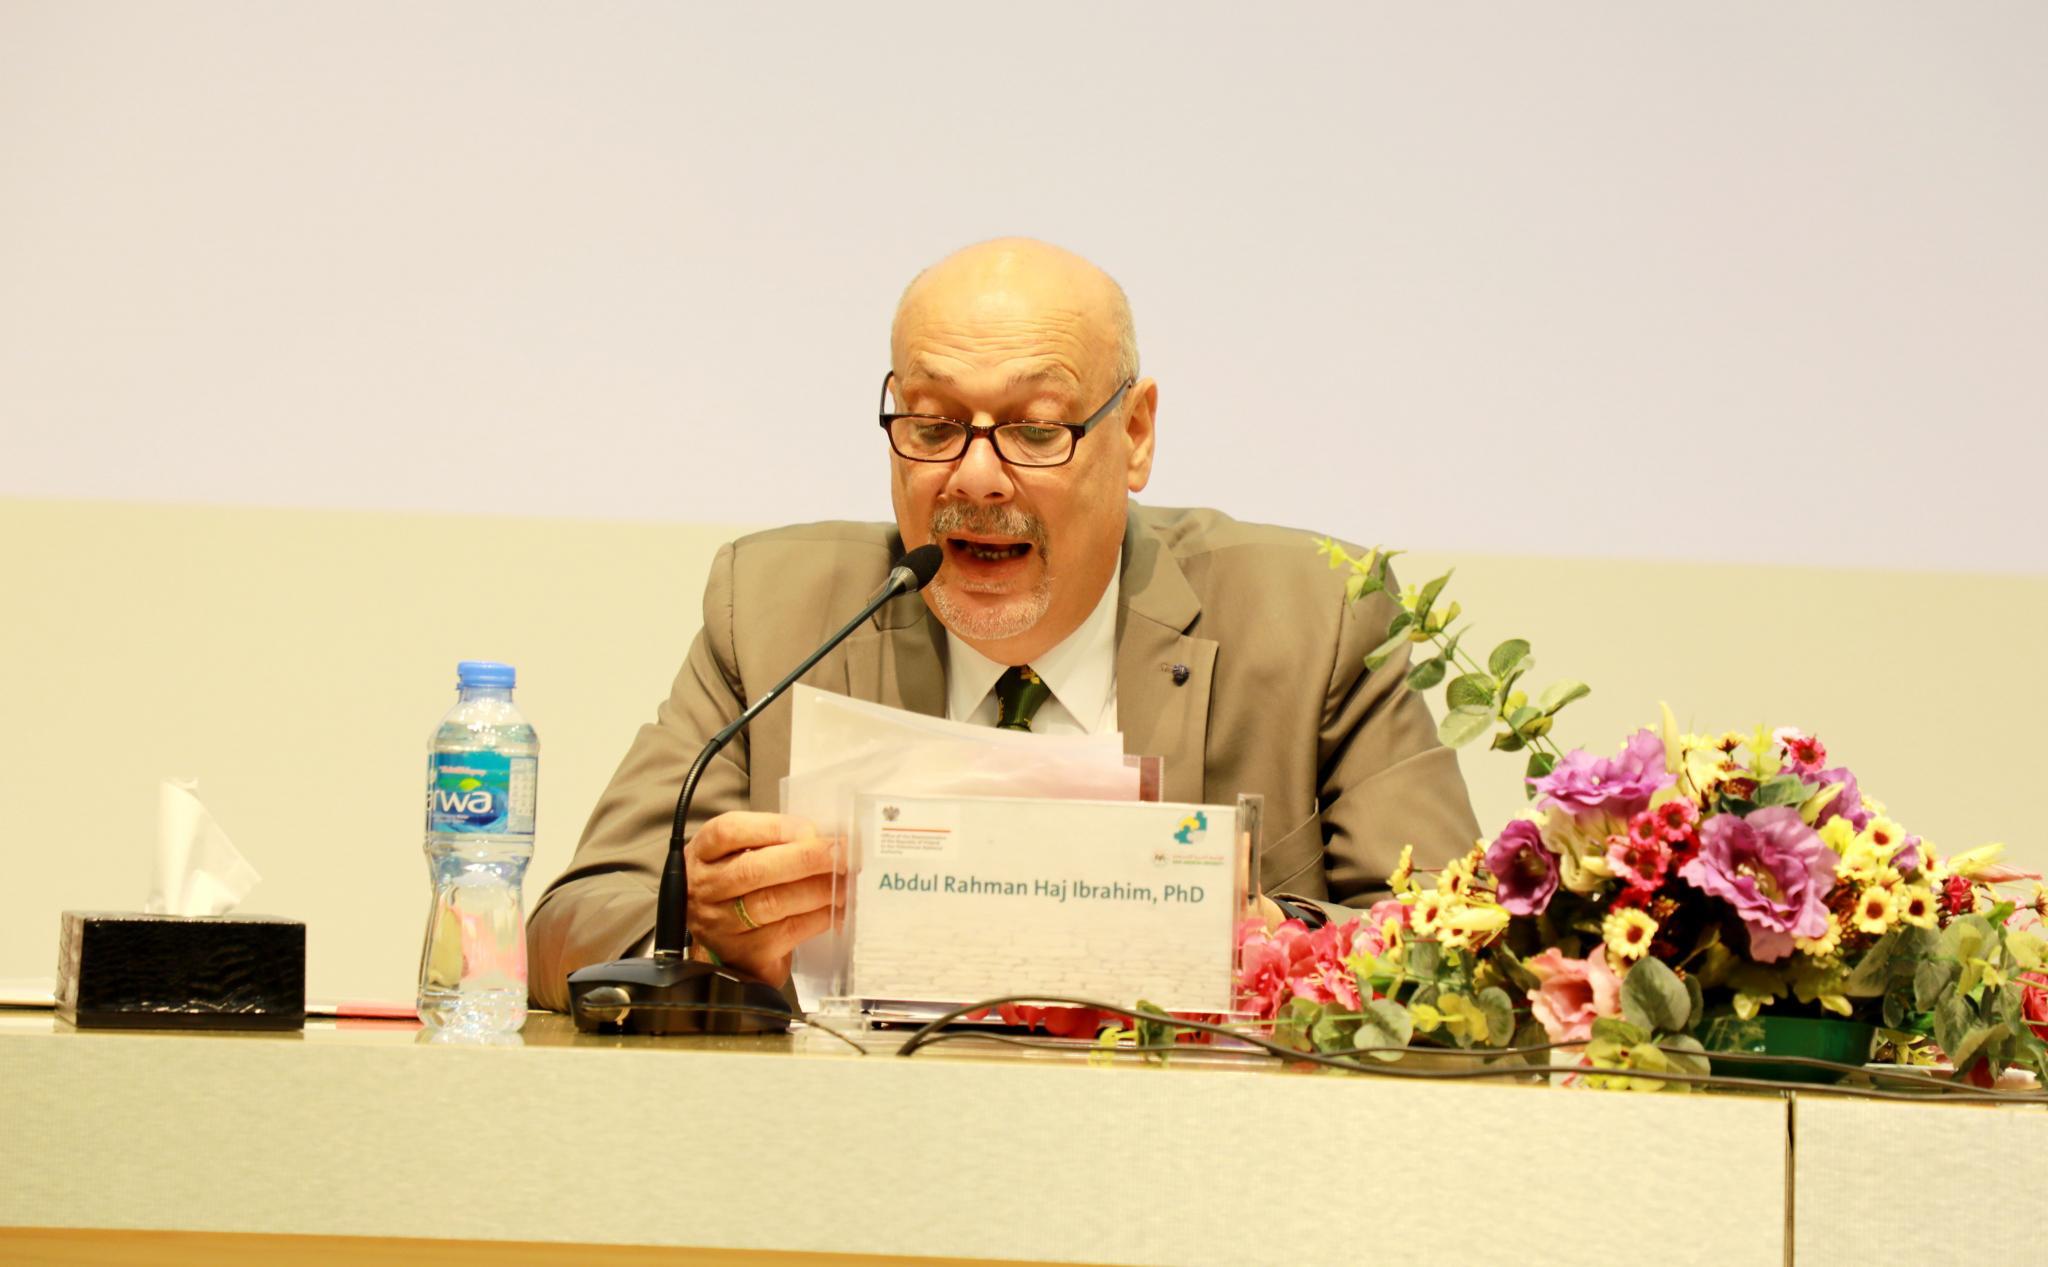 Dr. Abdul Rahman Haj Ibrahim